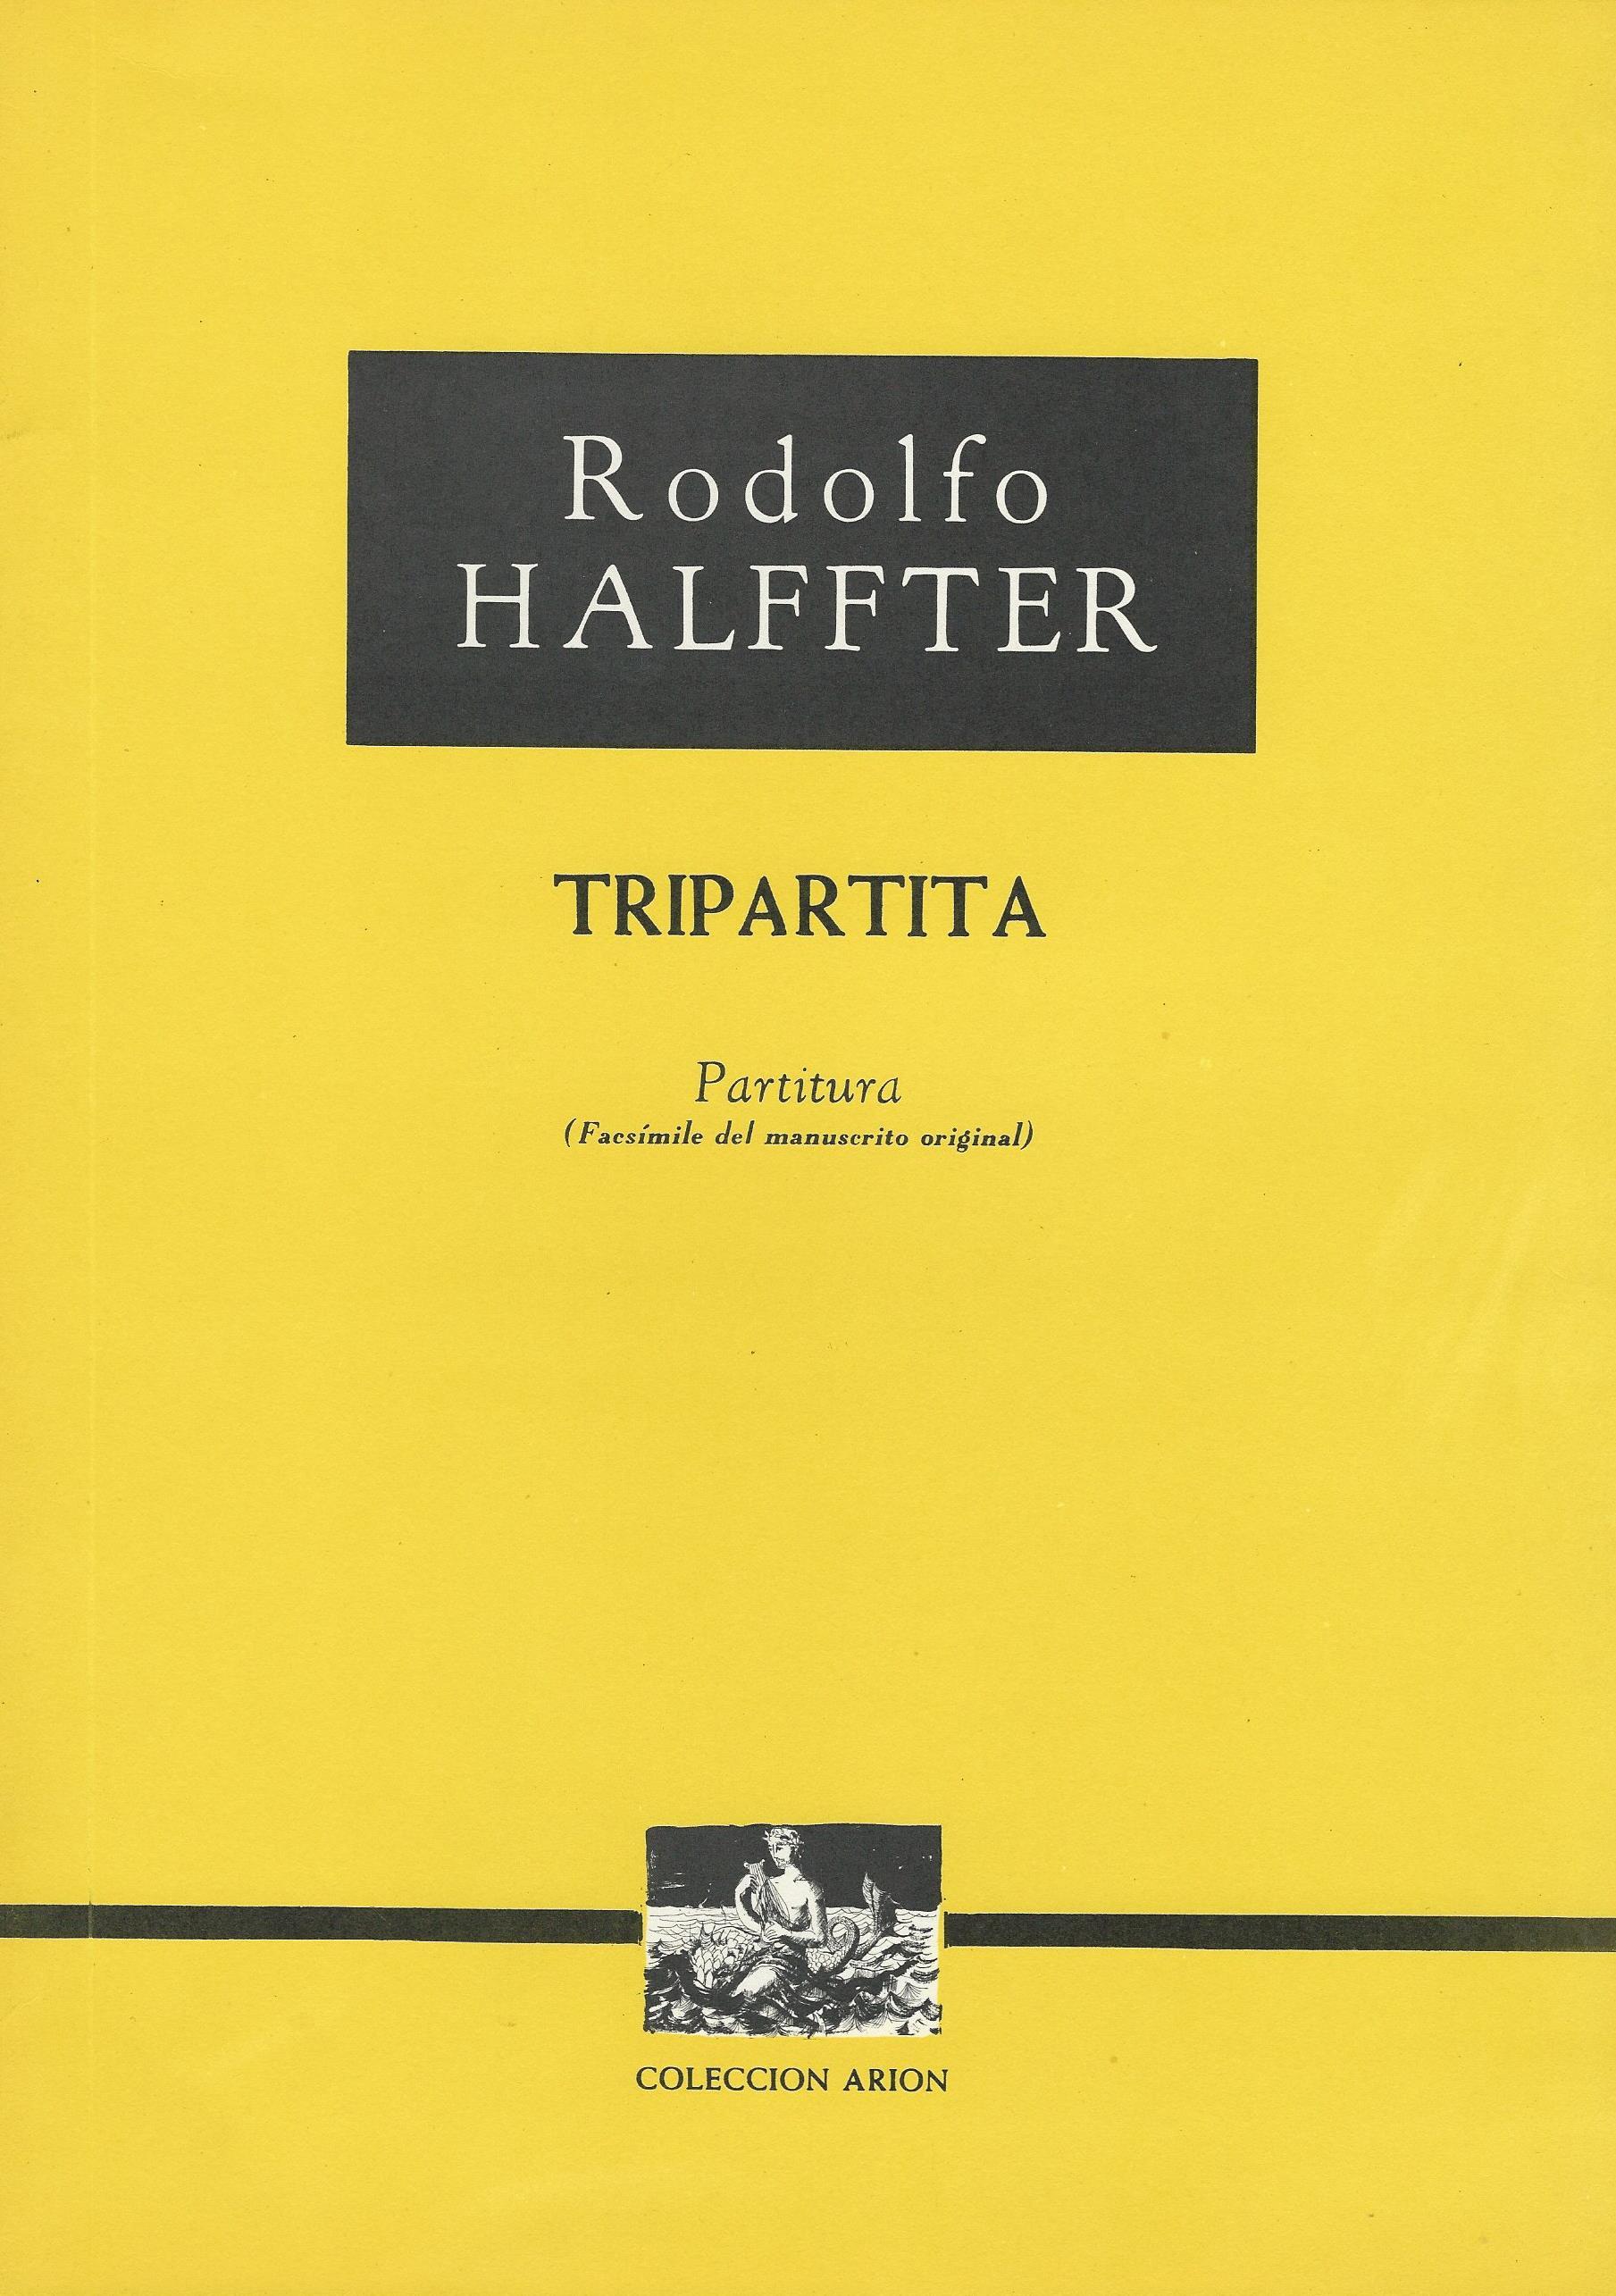 HALFFTER RODOLFO - Tripartita 01.jpg